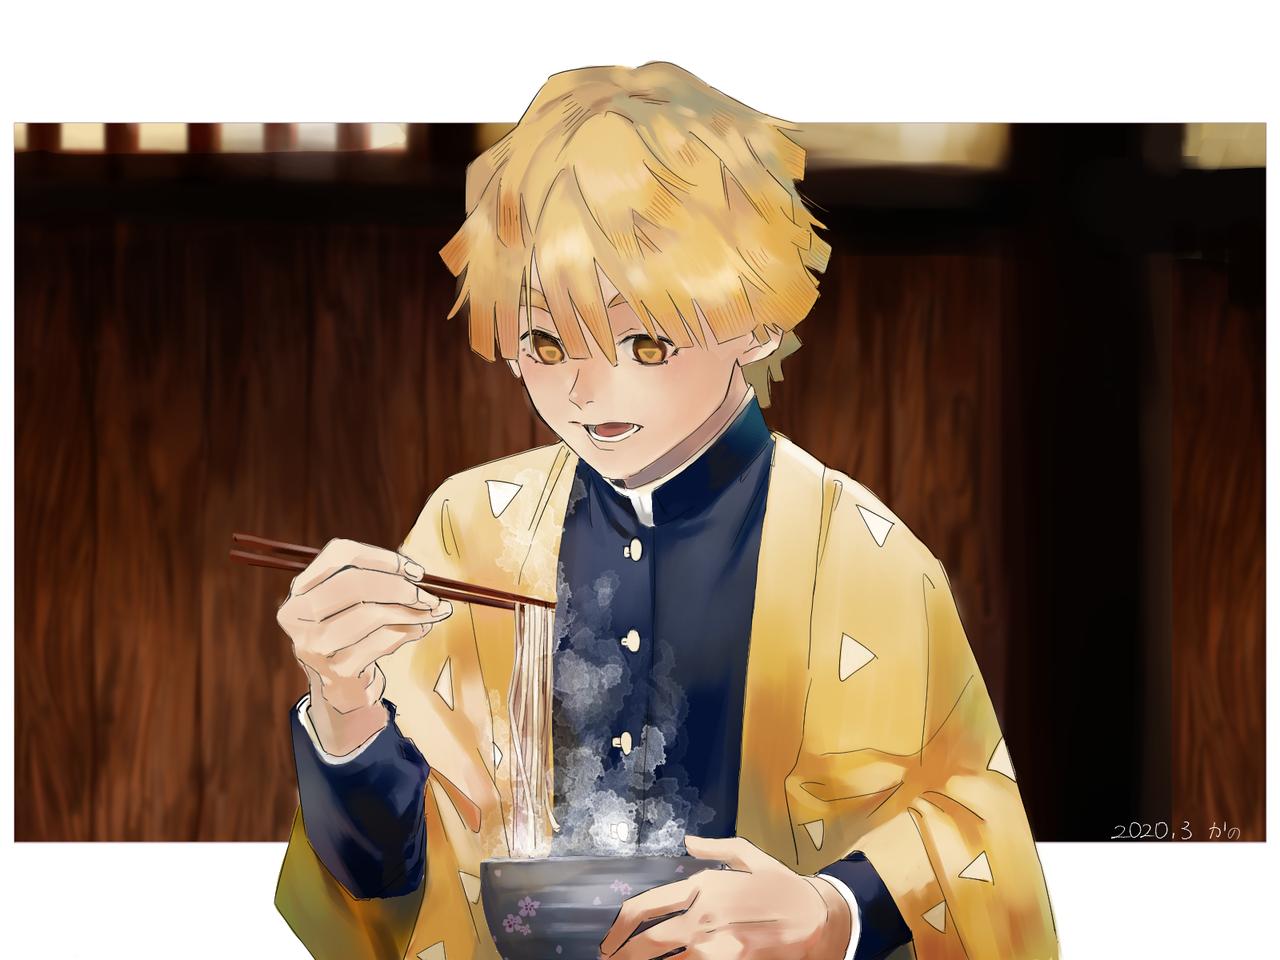 ぜん Illust of かのsan medibangpaint AgatsumaZenitsu 蕎麦 KimetsunoYaiba